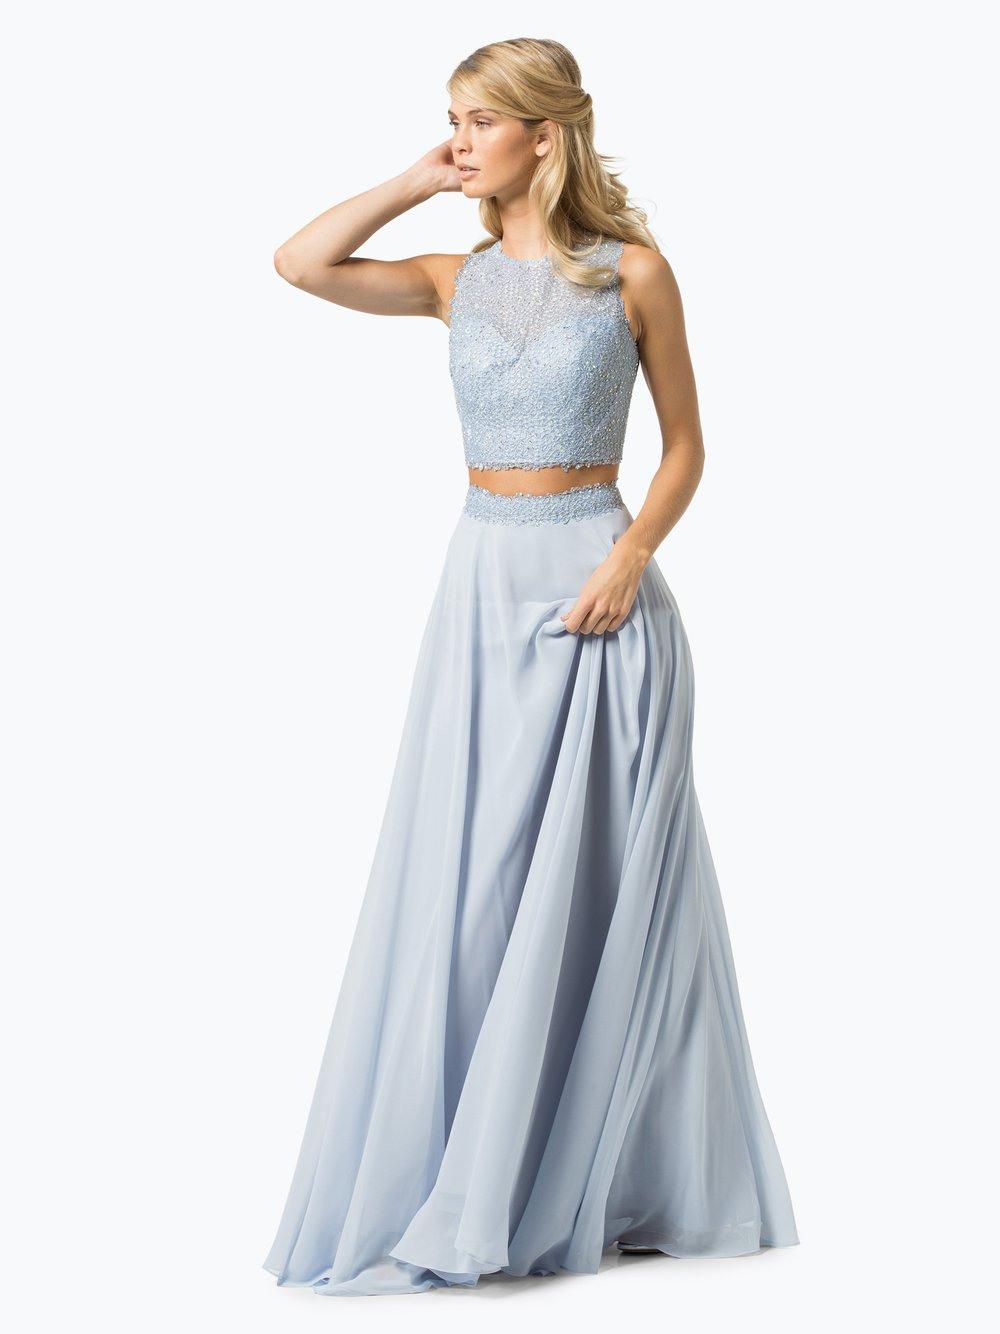 10 Erstaunlich Abendkleid Zweiteilig BoutiqueDesigner Leicht Abendkleid Zweiteilig Galerie